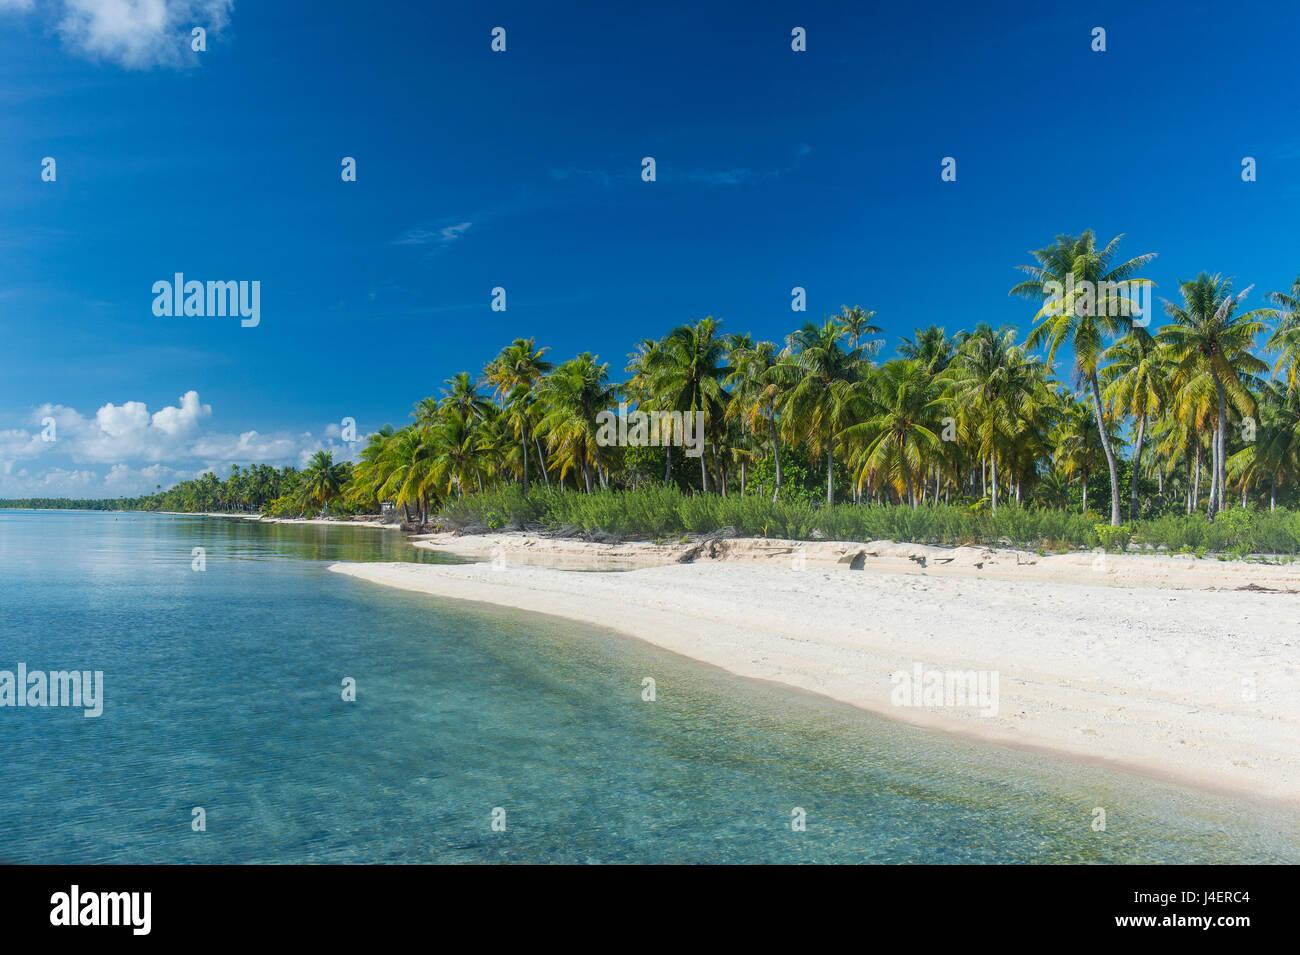 Schöne Palmen gesäumten weißen Sandstrand in das türkisfarbene Wasser des Pazifik, Französisch Stockbild